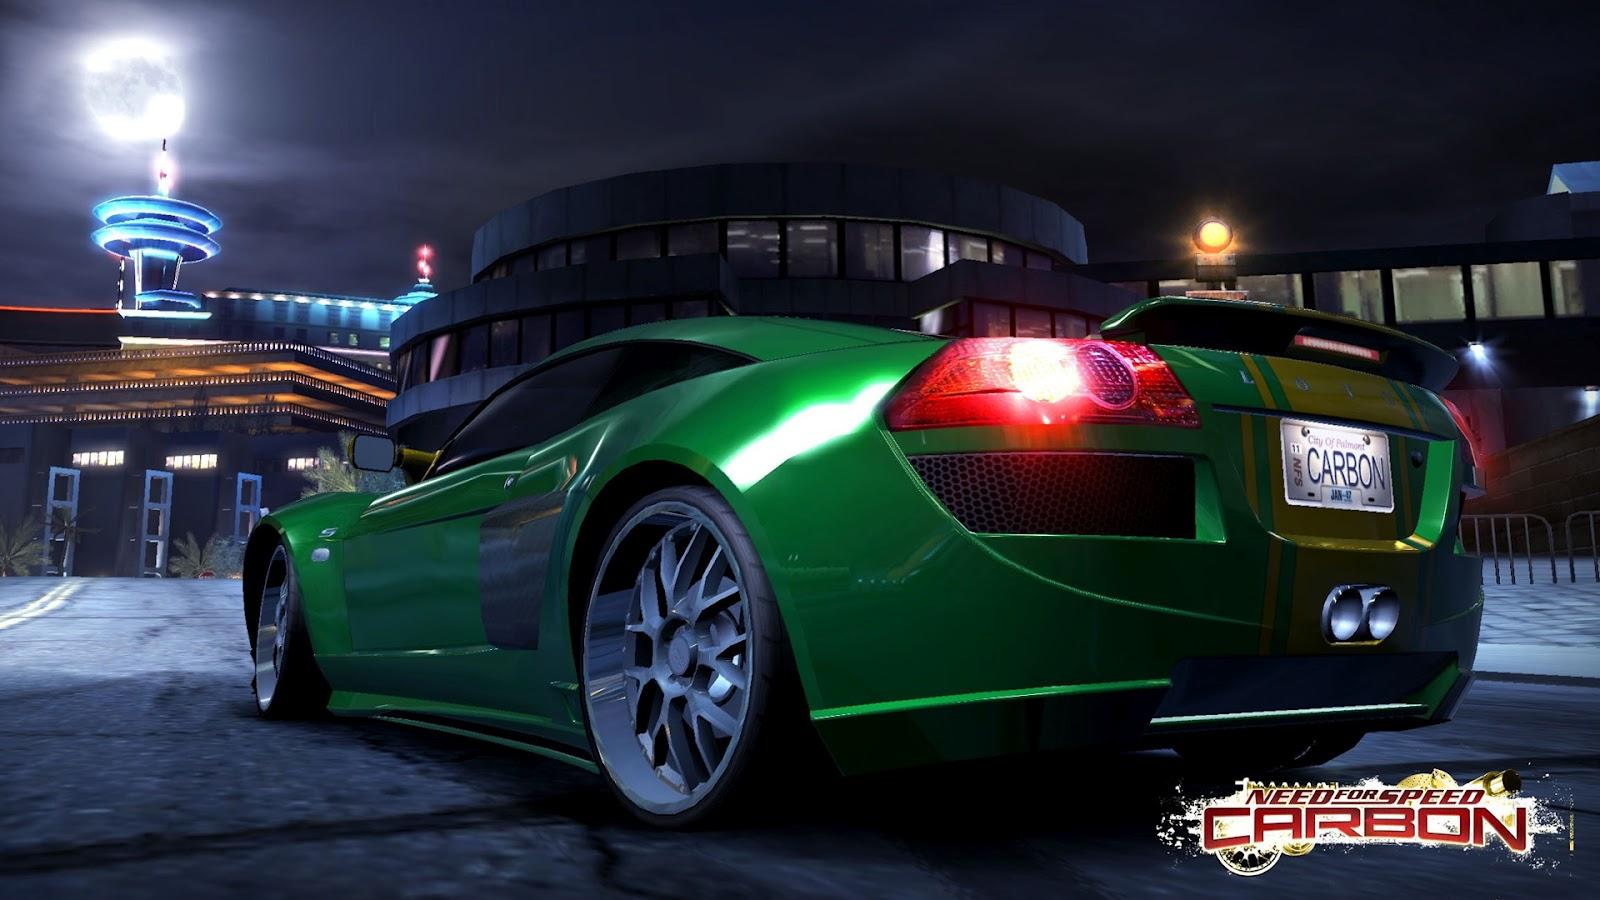 http://2.bp.blogspot.com/-KwnKKT_HT30/UBVbKpOqzPI/AAAAAAAAFKE/BiqPsBI2A8Q/s1600/need-for-speed-carbon-02.jpg